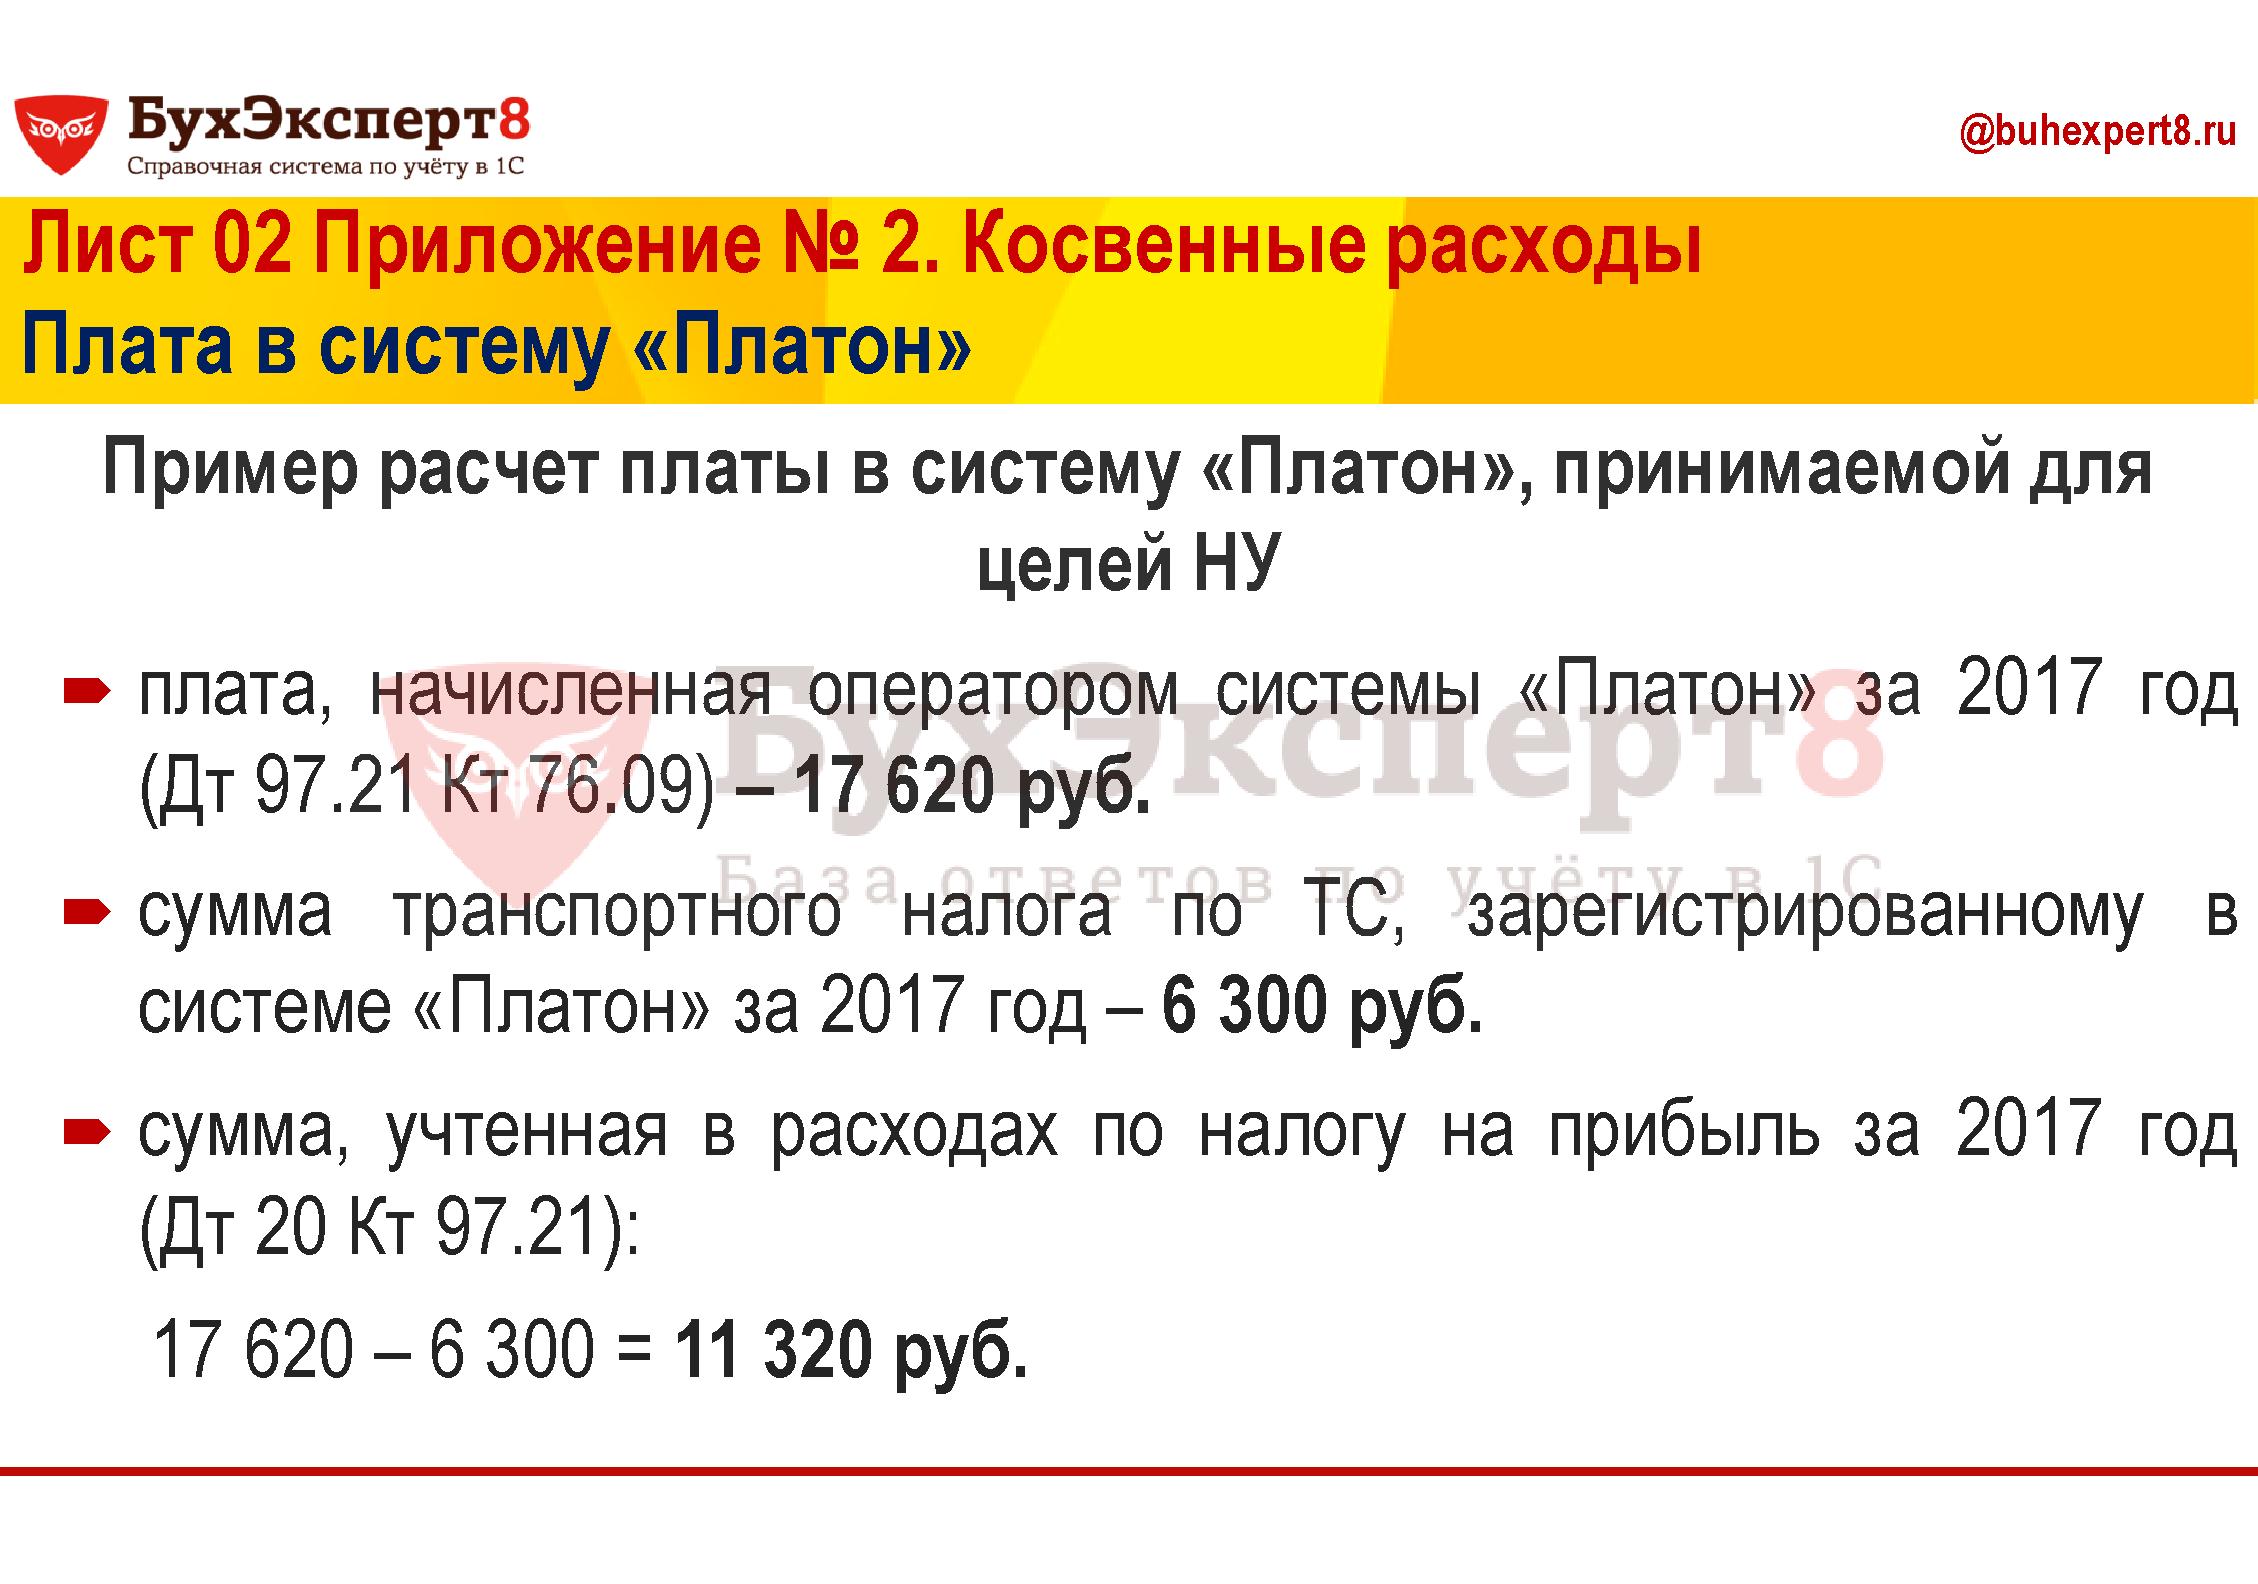 Пример расчет платы в систему «Платон», принимаемой для целей НУ  плата, начисленная оператором системы «Платон» за 2017 год (Дт 97.21 Кт 76.09) – 17 620 руб. сумма транспортного налога по ТС, зарегистрированному в системе «Платон» за 2017 год – 6 300 руб. сумма, учтенная в расходах по налогу на прибыль за 2017 год   (Дт 20 Кт 97.21):   17 620 – 6 300 = 11 320 руб.